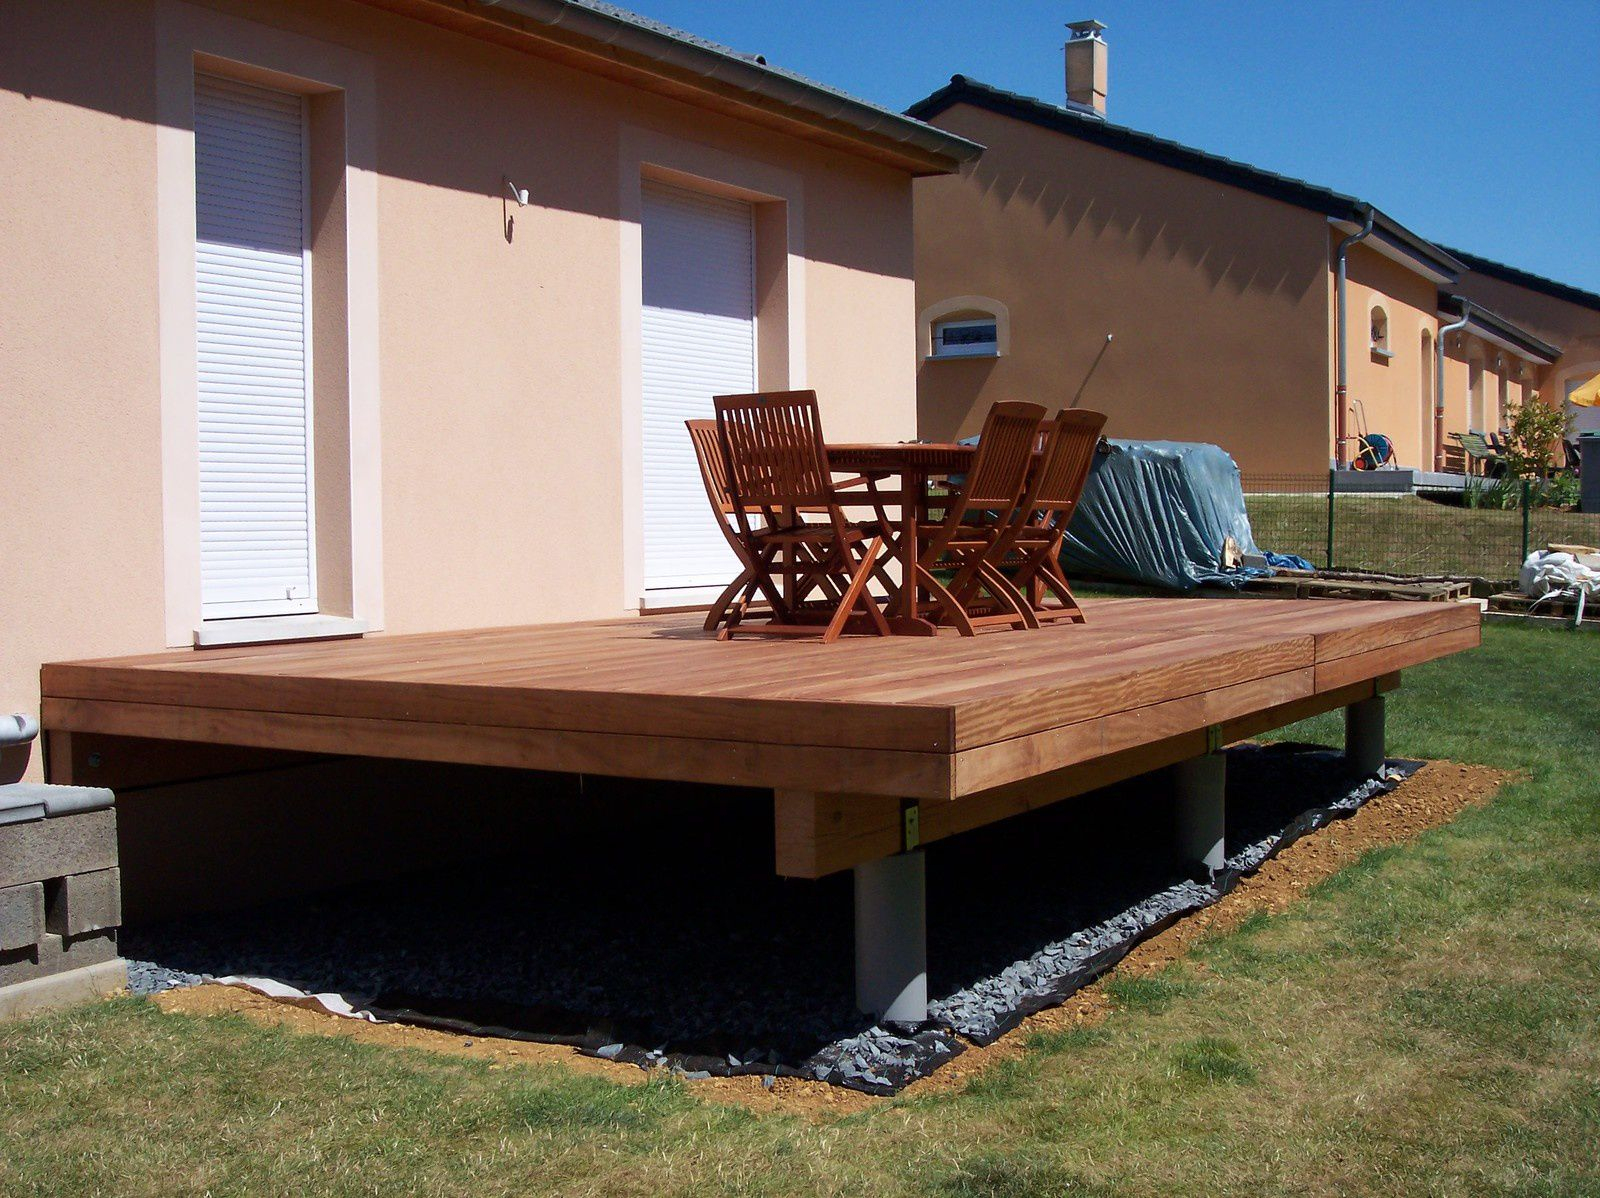 Cr Ation D Une Terrasse Bois Sur Lev E Avec Garde ... encequiconcerne Terrasse Couverte Avec Poteaux Beton